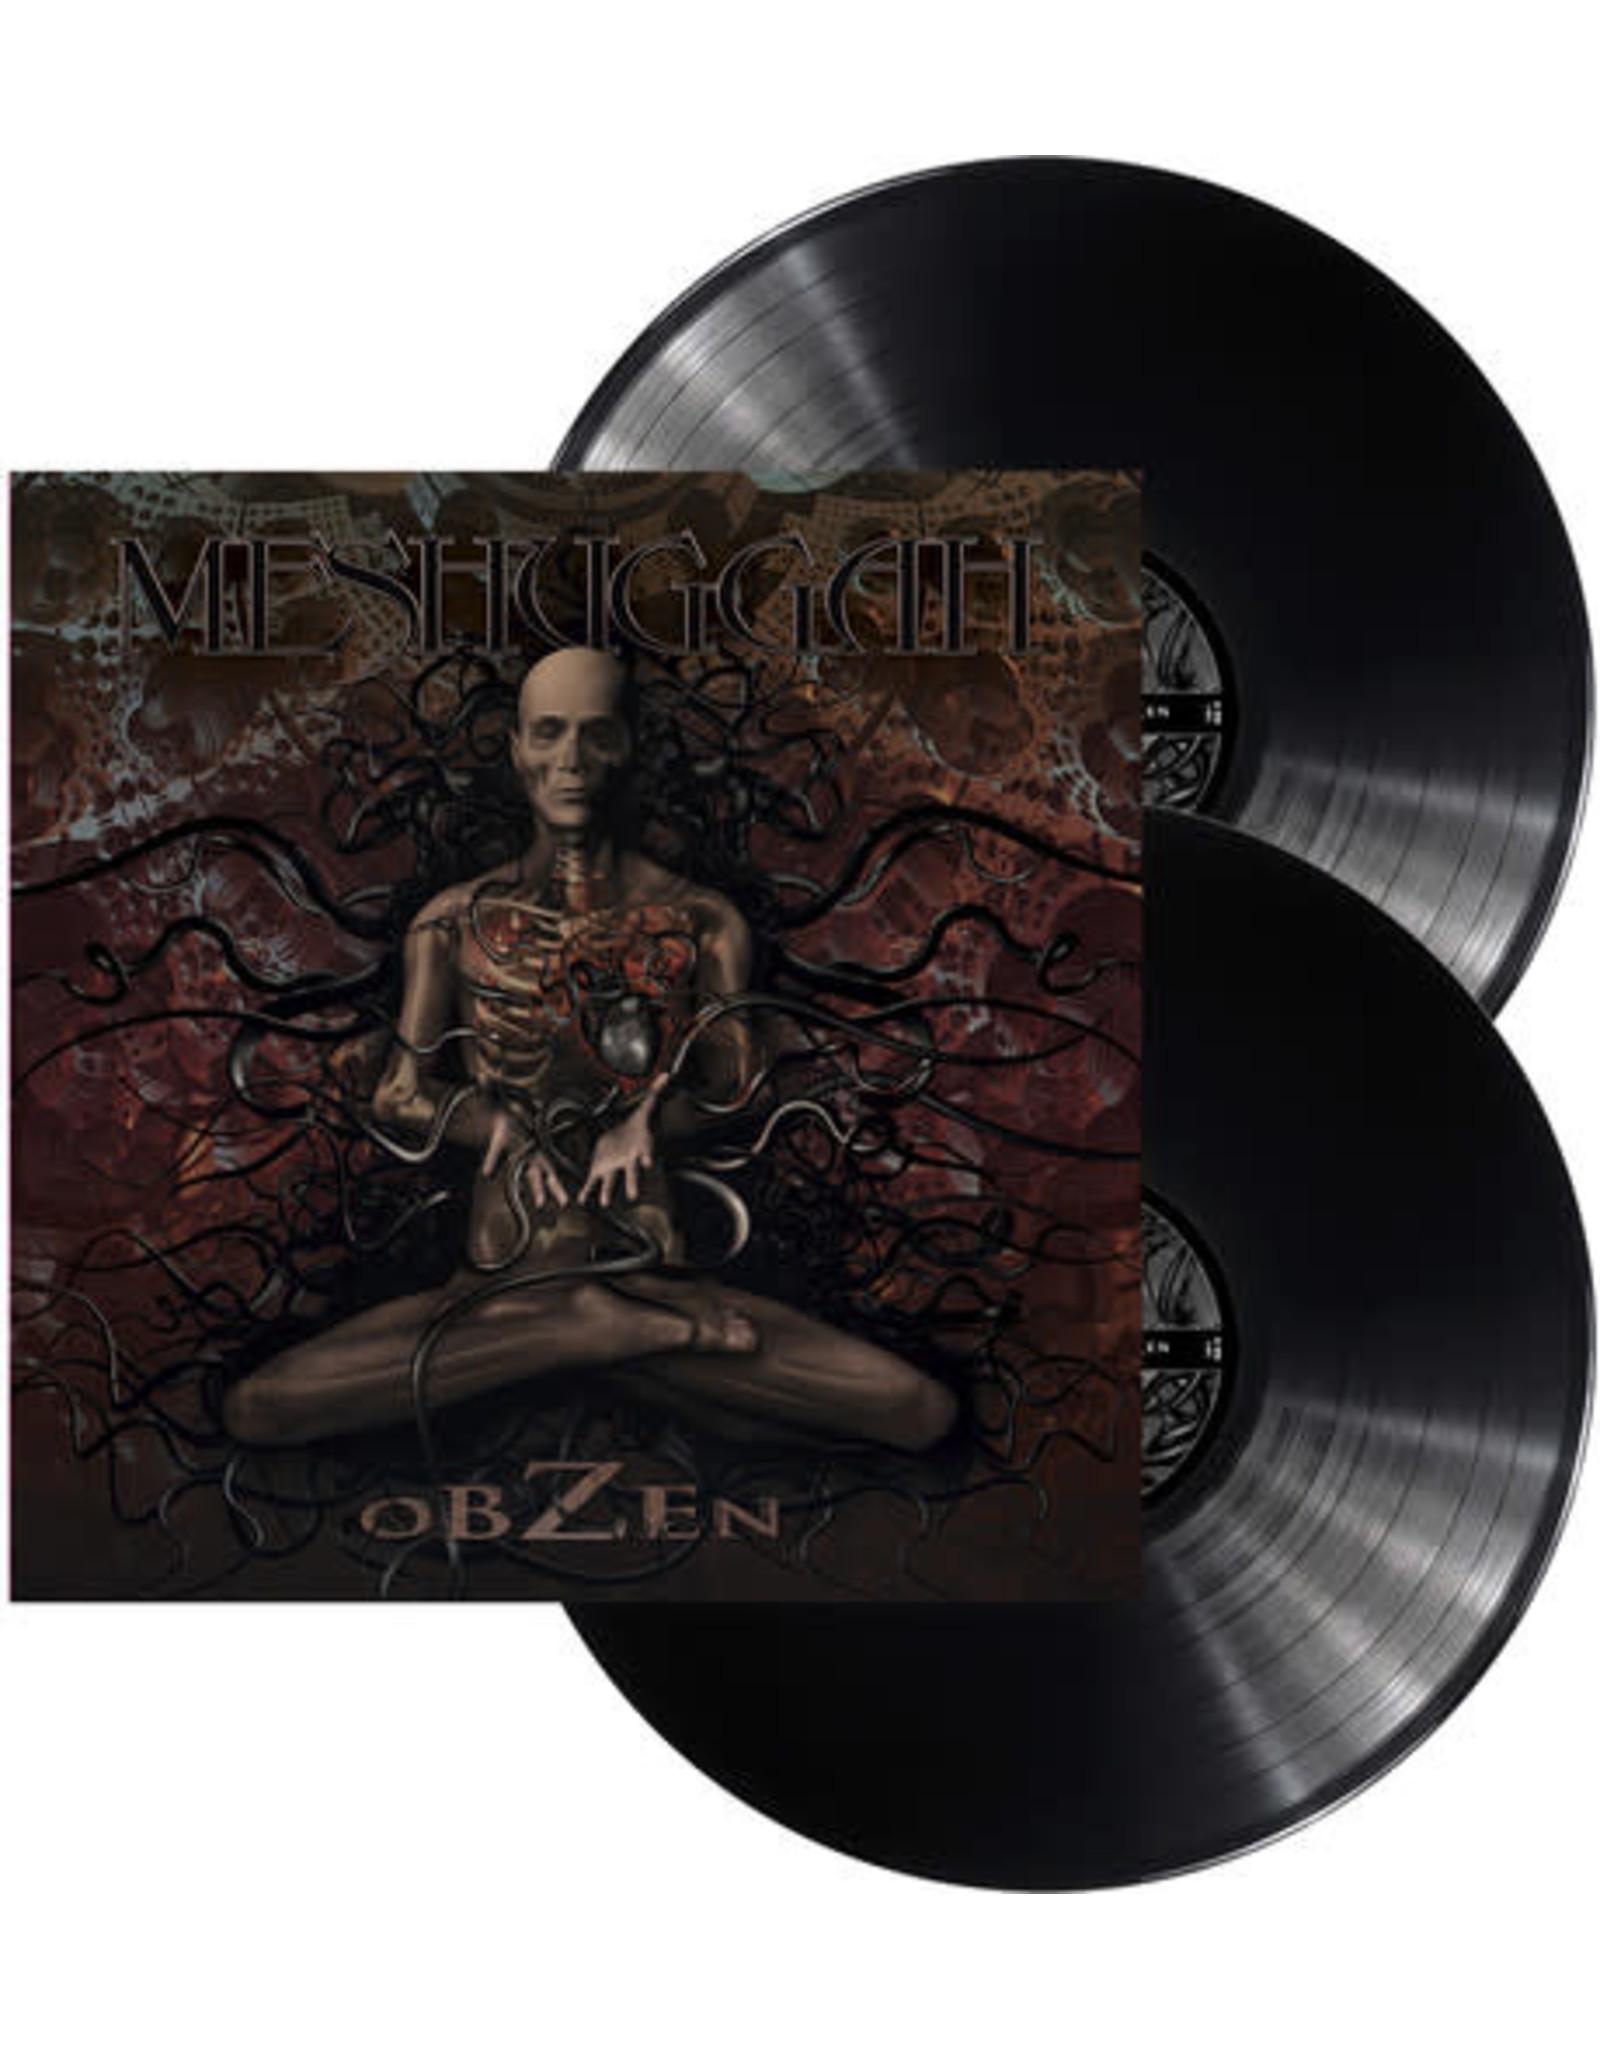 New Vinyl Meshuggah - Obzen [UK Import] 2LP